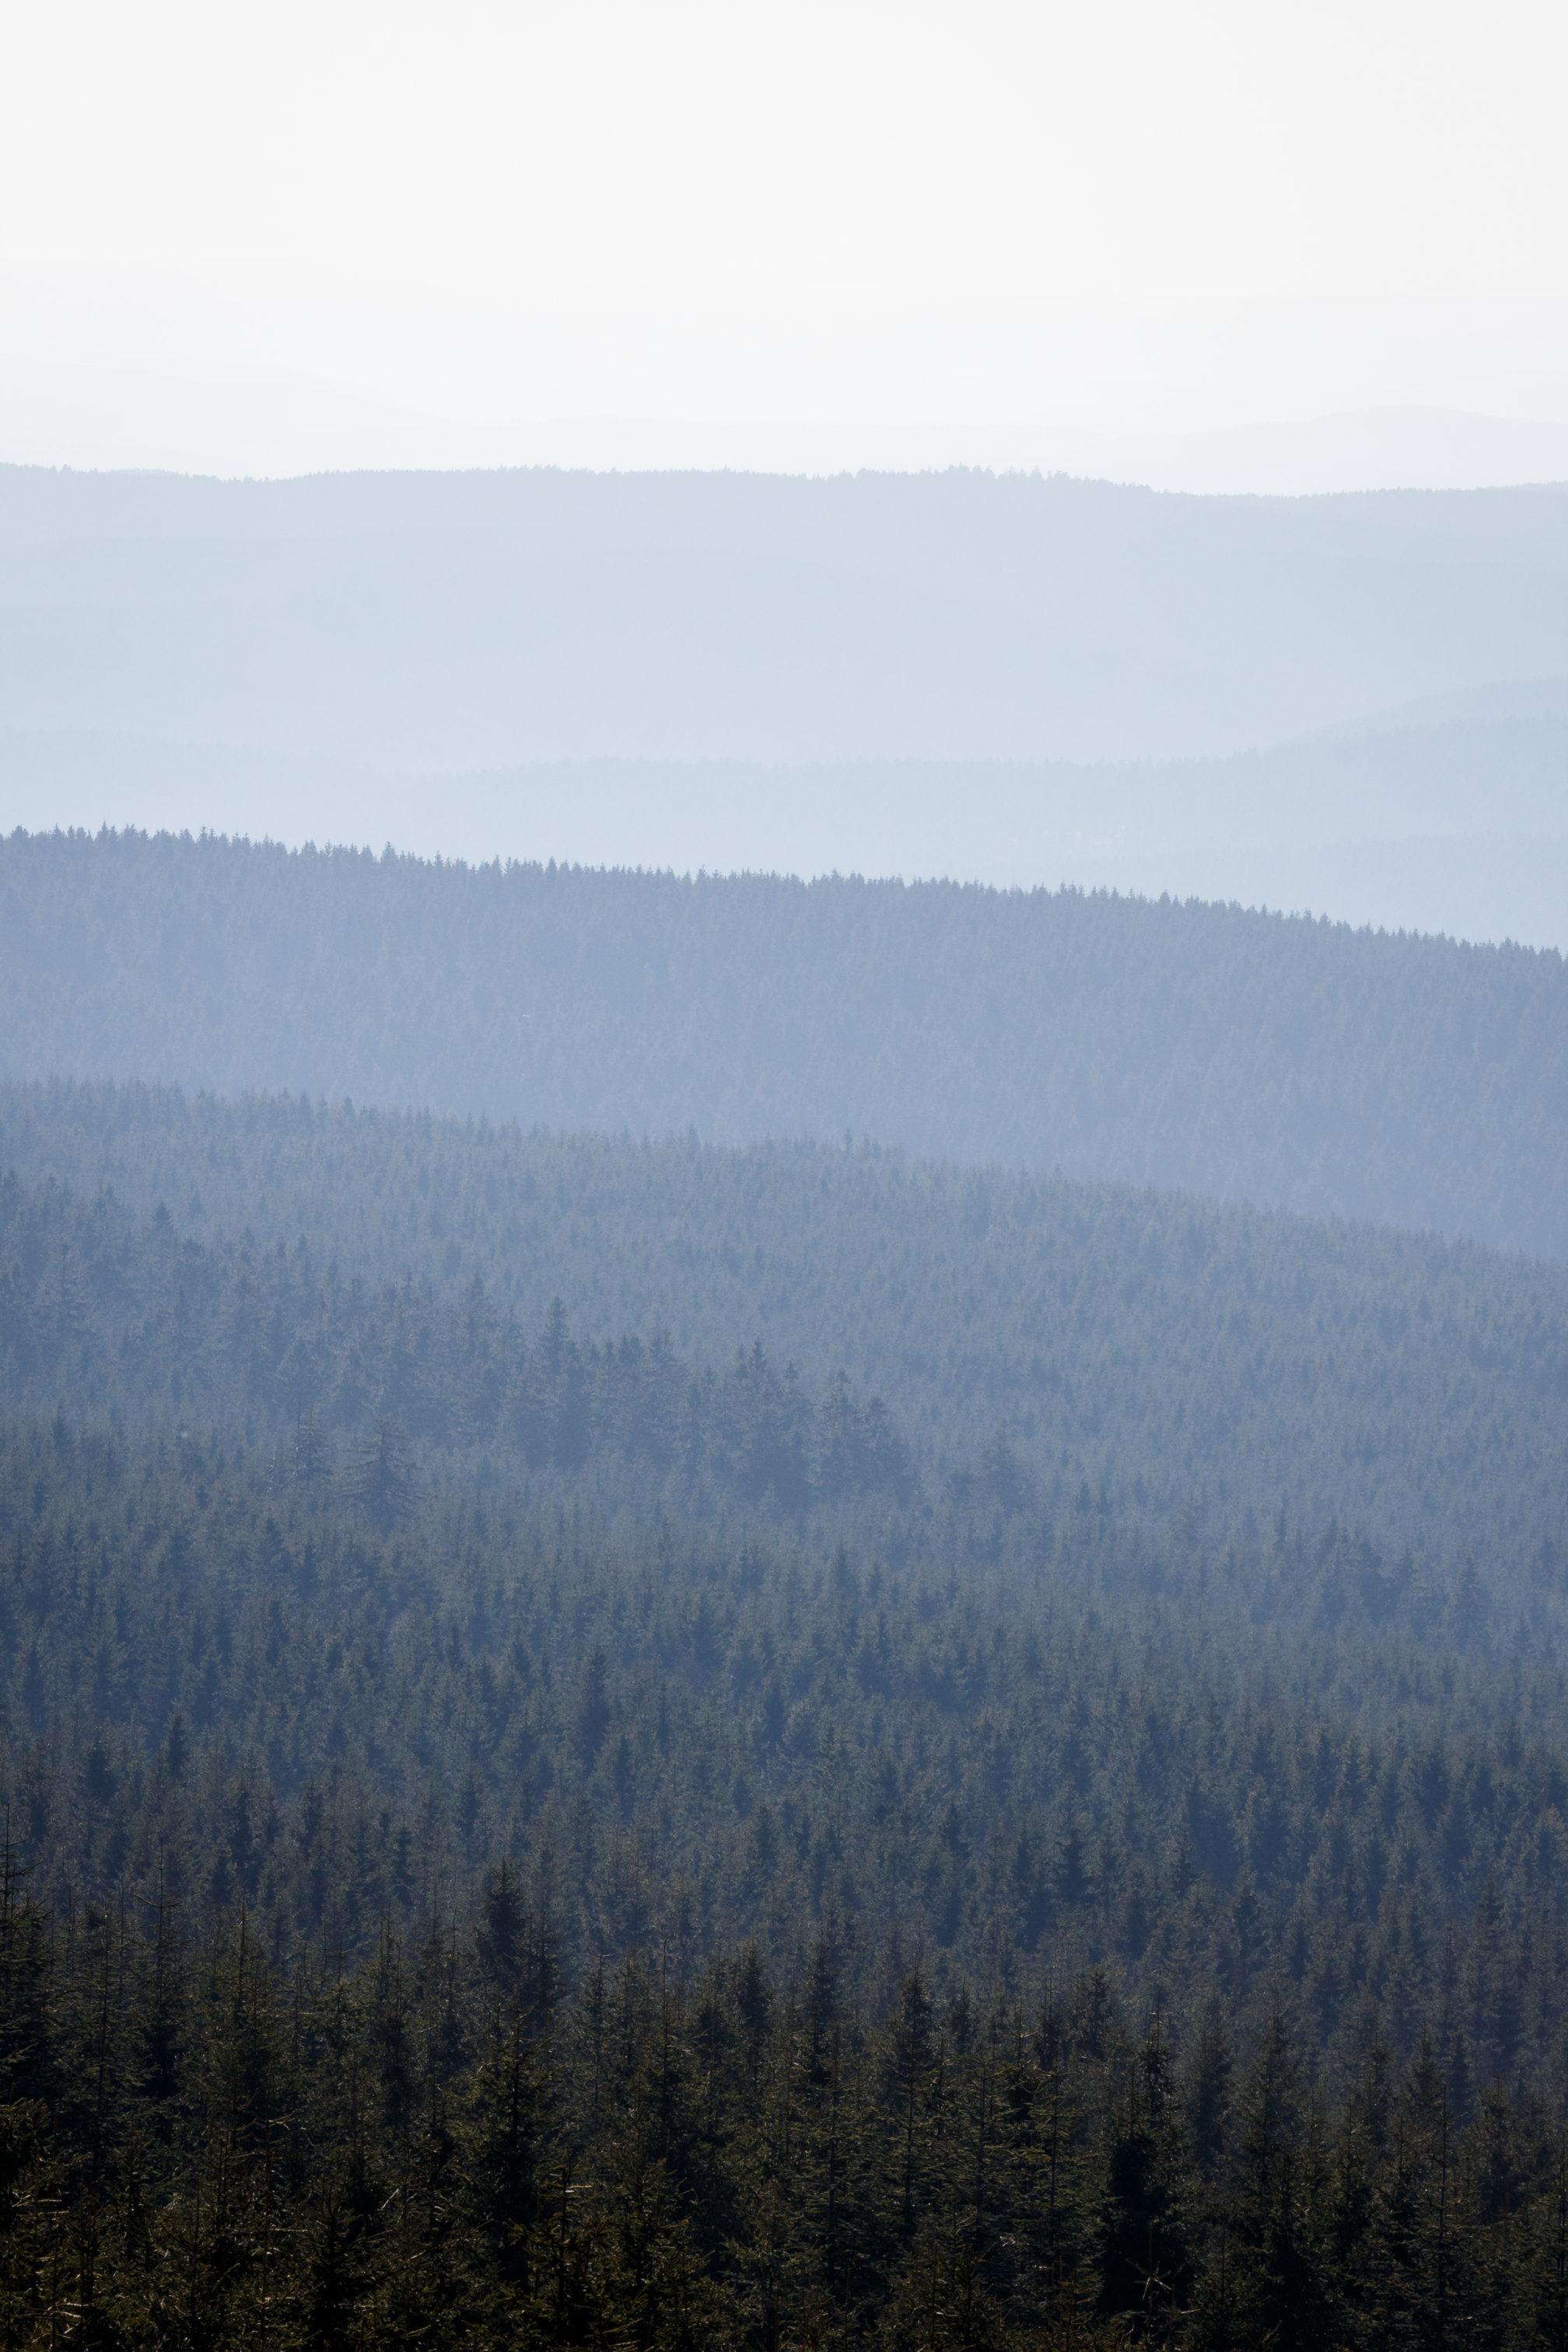 Es scheint so, als sein der Wald sehr kompakt